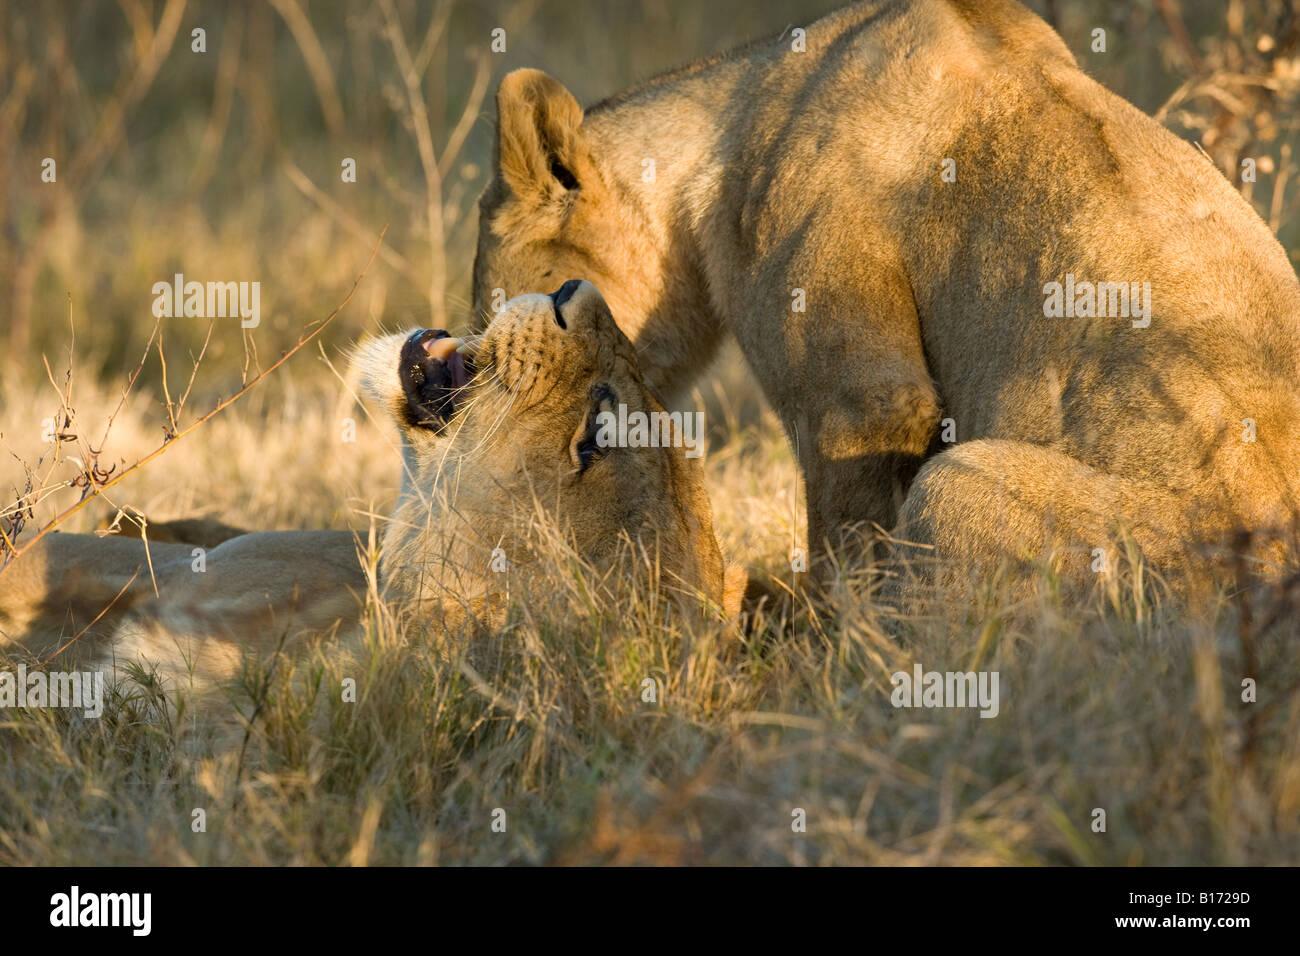 Close-up Ver perfil expresivo gruñendo madre recostada sobre León regaño atrás hablando con bebé león sentado con la cabeza hacia abajo cerca de su boca abierta Botswana Foto de stock